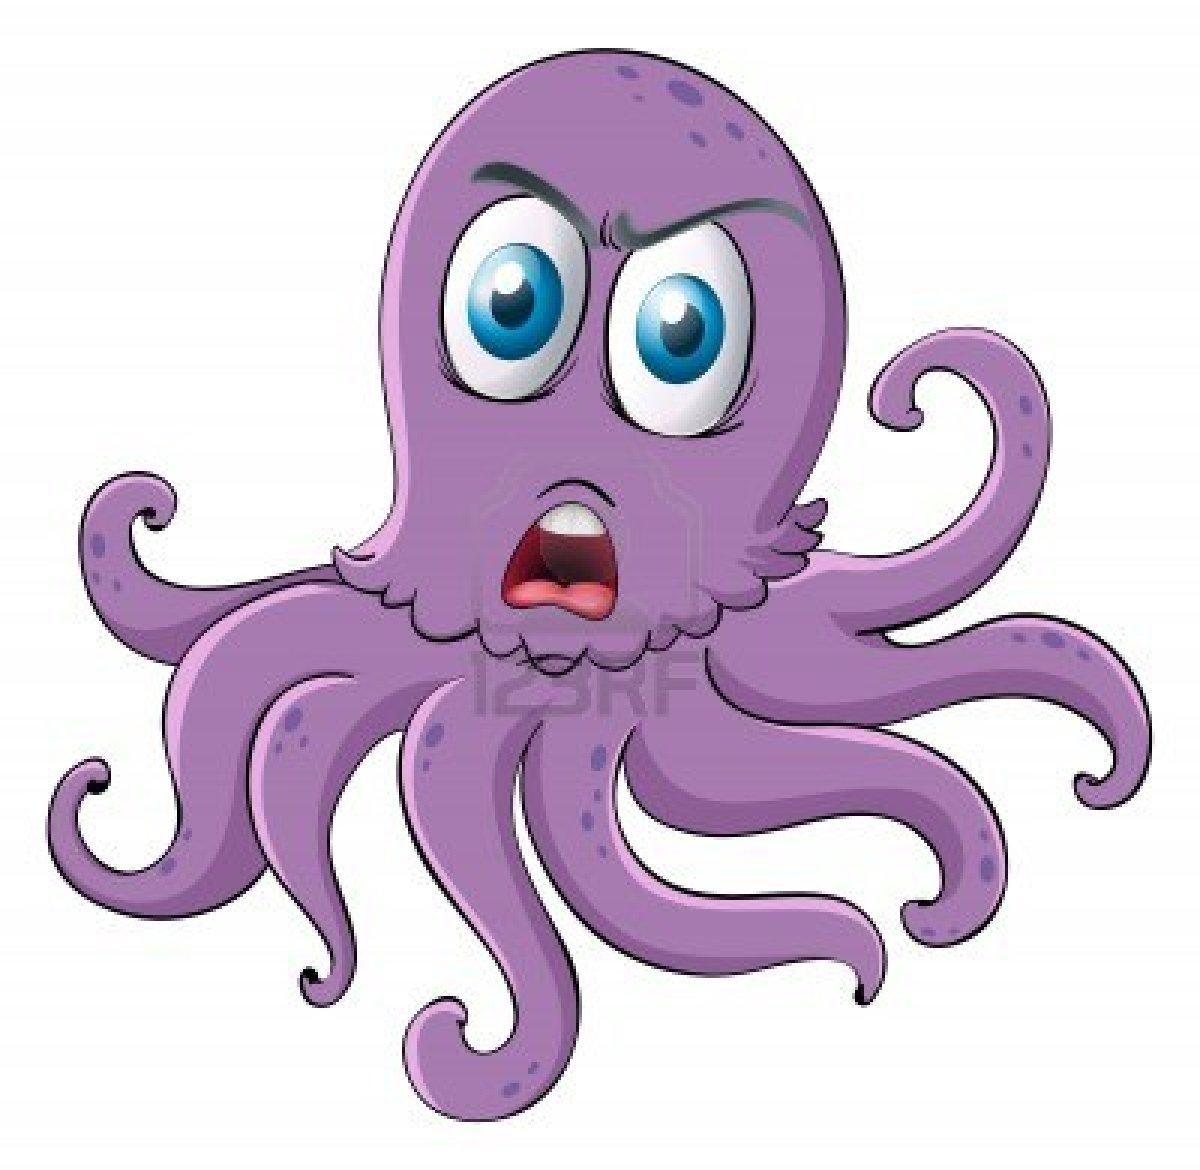 Loredana s blog octopus tonight